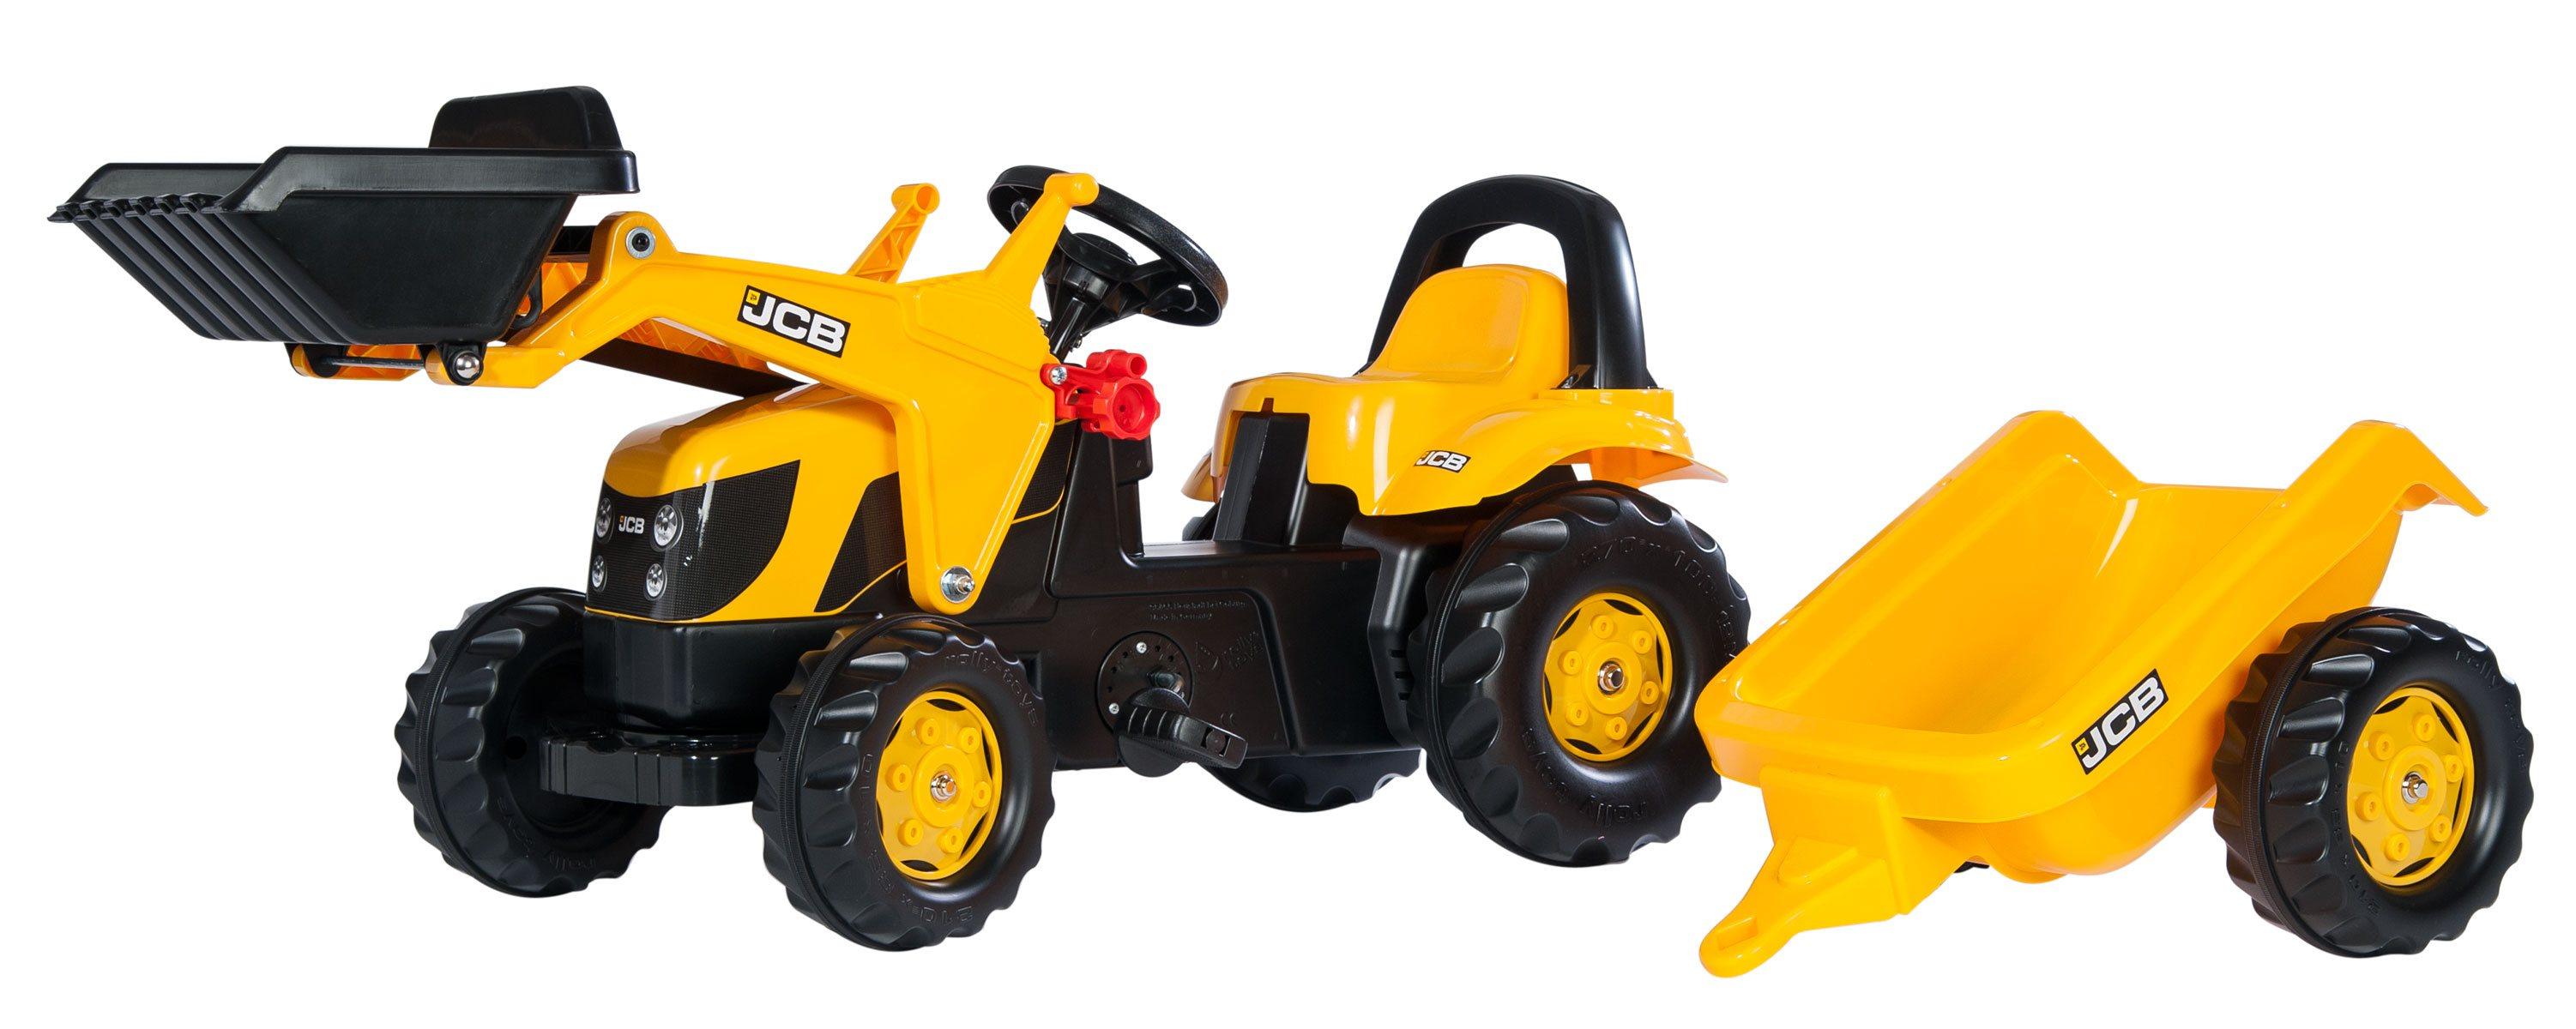 Tractor de pedales - jcb infantil con remolque y pala excavadora delantera width=